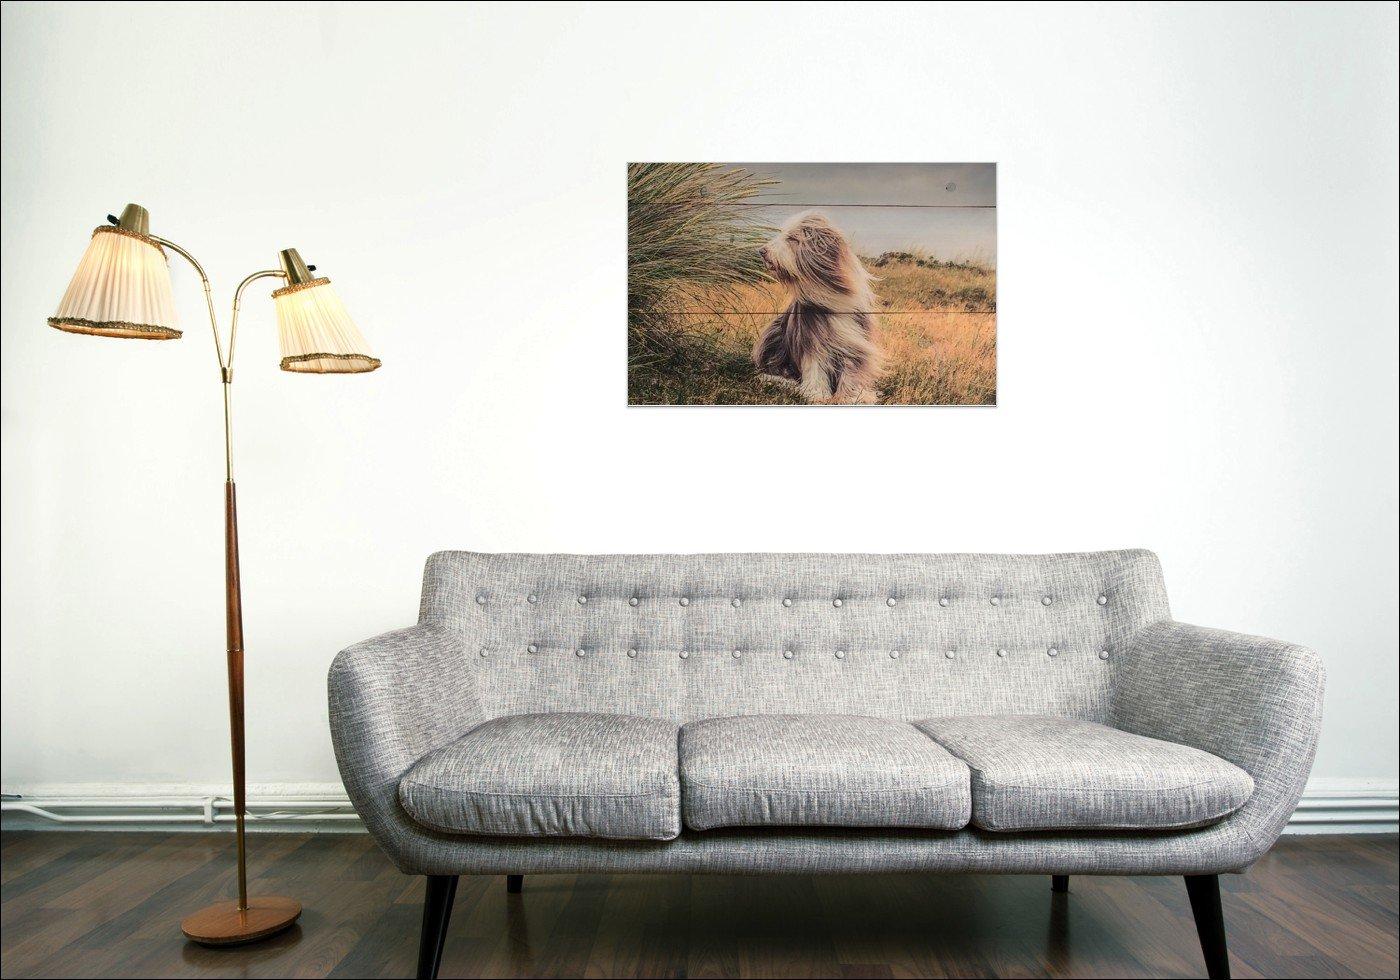 Wanddekoration aus dem Fotostudio 1 in Mönchengladbach